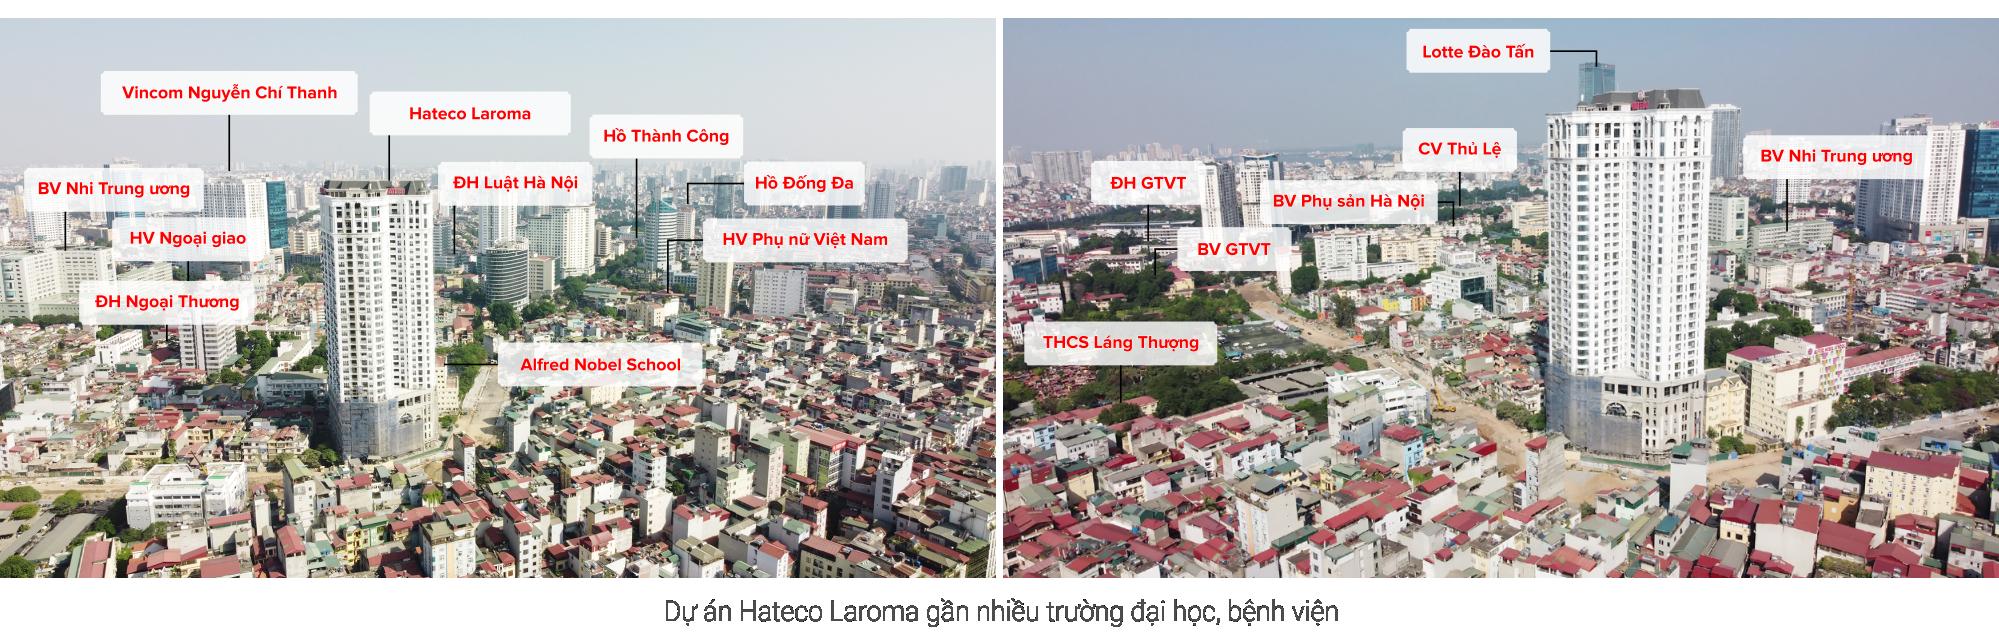 Review dự án Hateco Laroma đang mở bán: Mặt tiền đường 30 m đang mở ở nội đô Hà Nội - Ảnh 8.